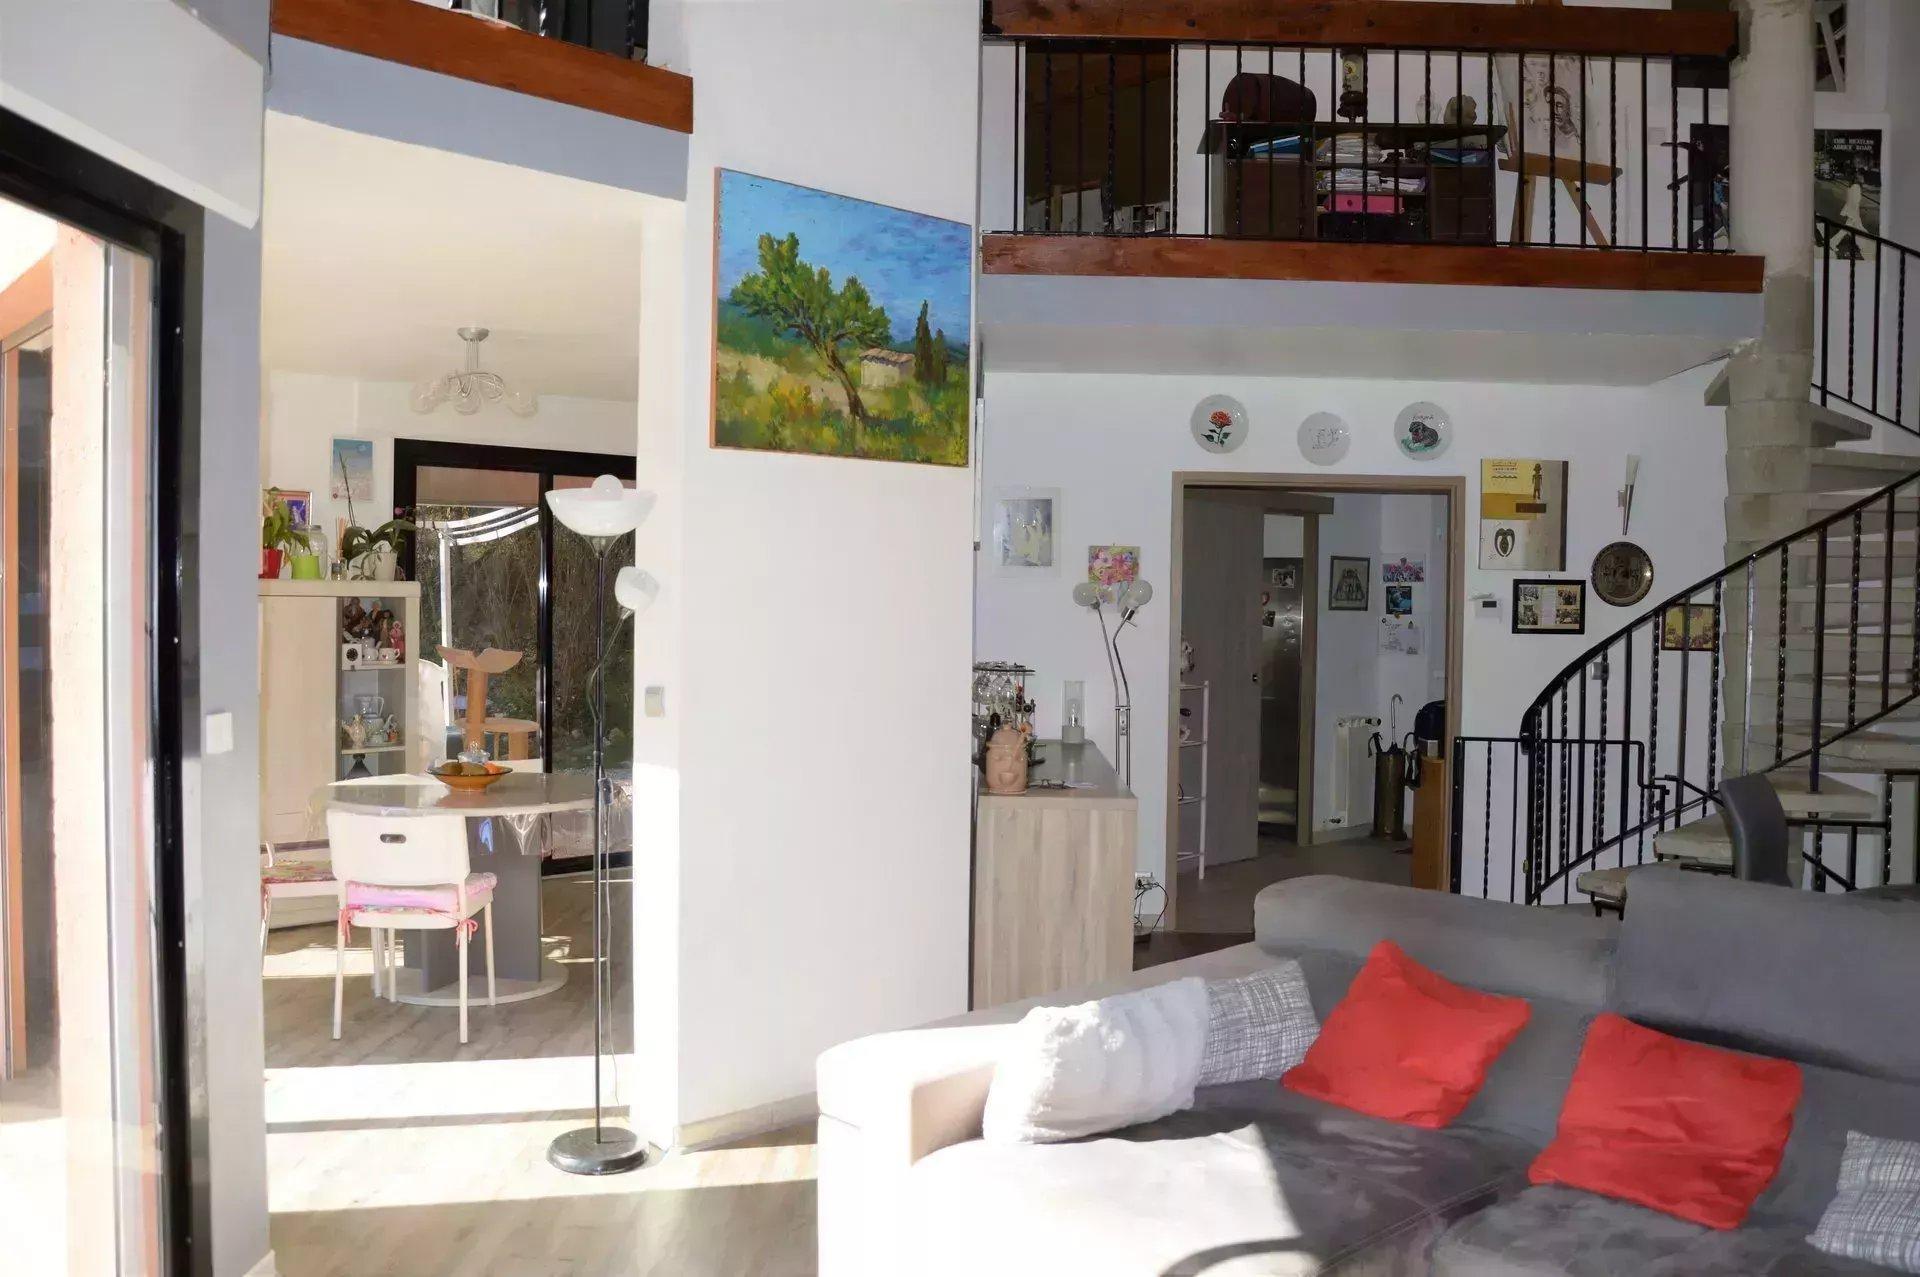 Maison T6, 150 m2, 3800 m2 de terrain